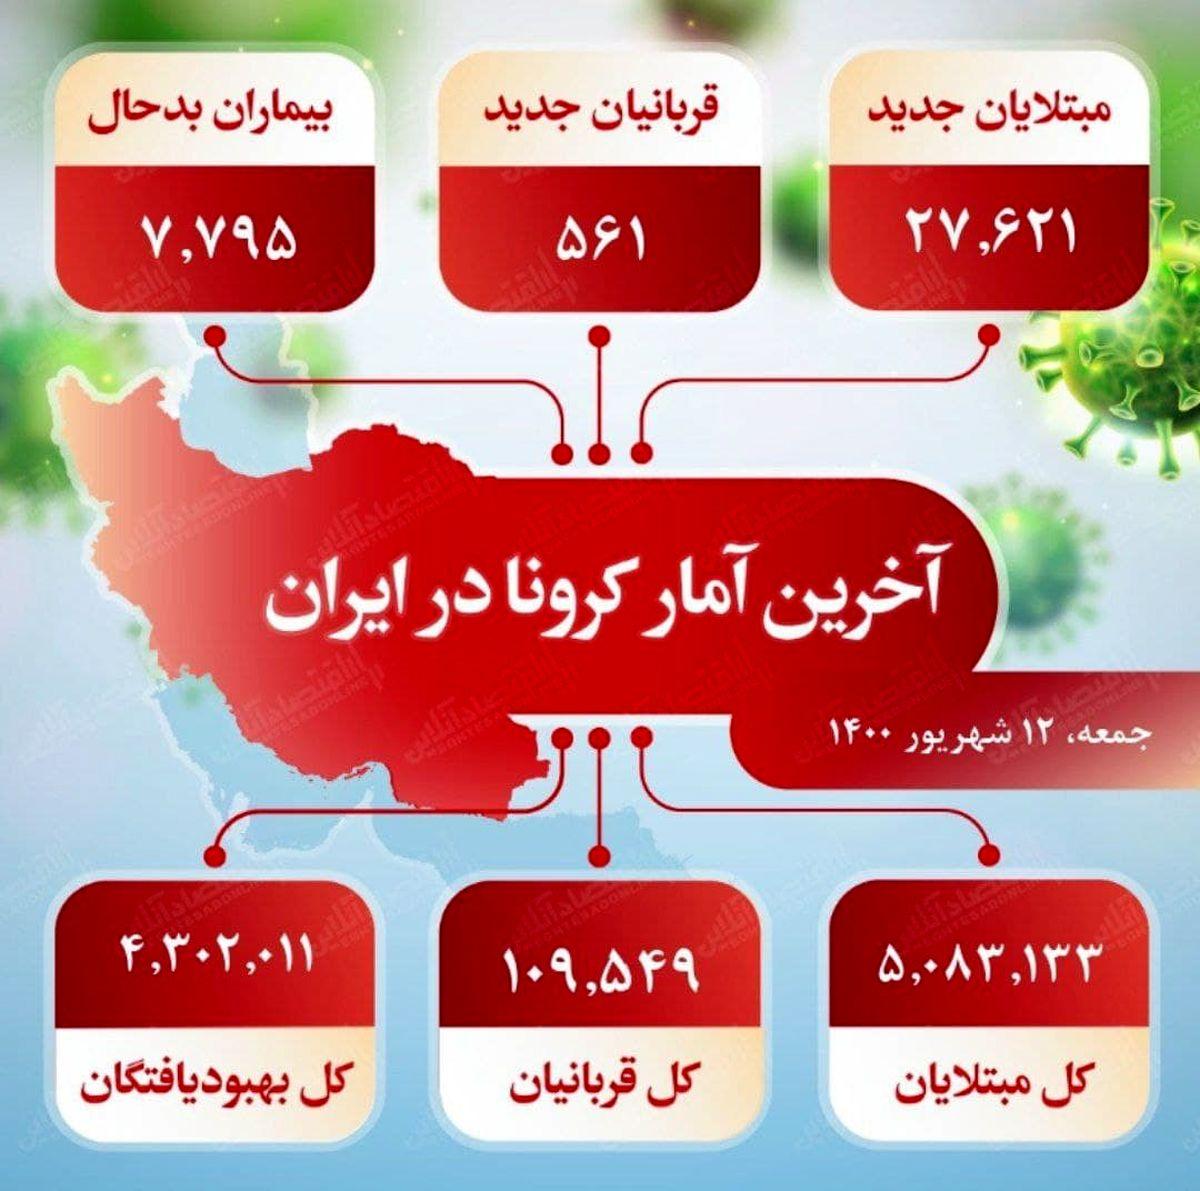 آخرین آمار کرونا در ایران (۱۴۰۰/۶/۱۲)